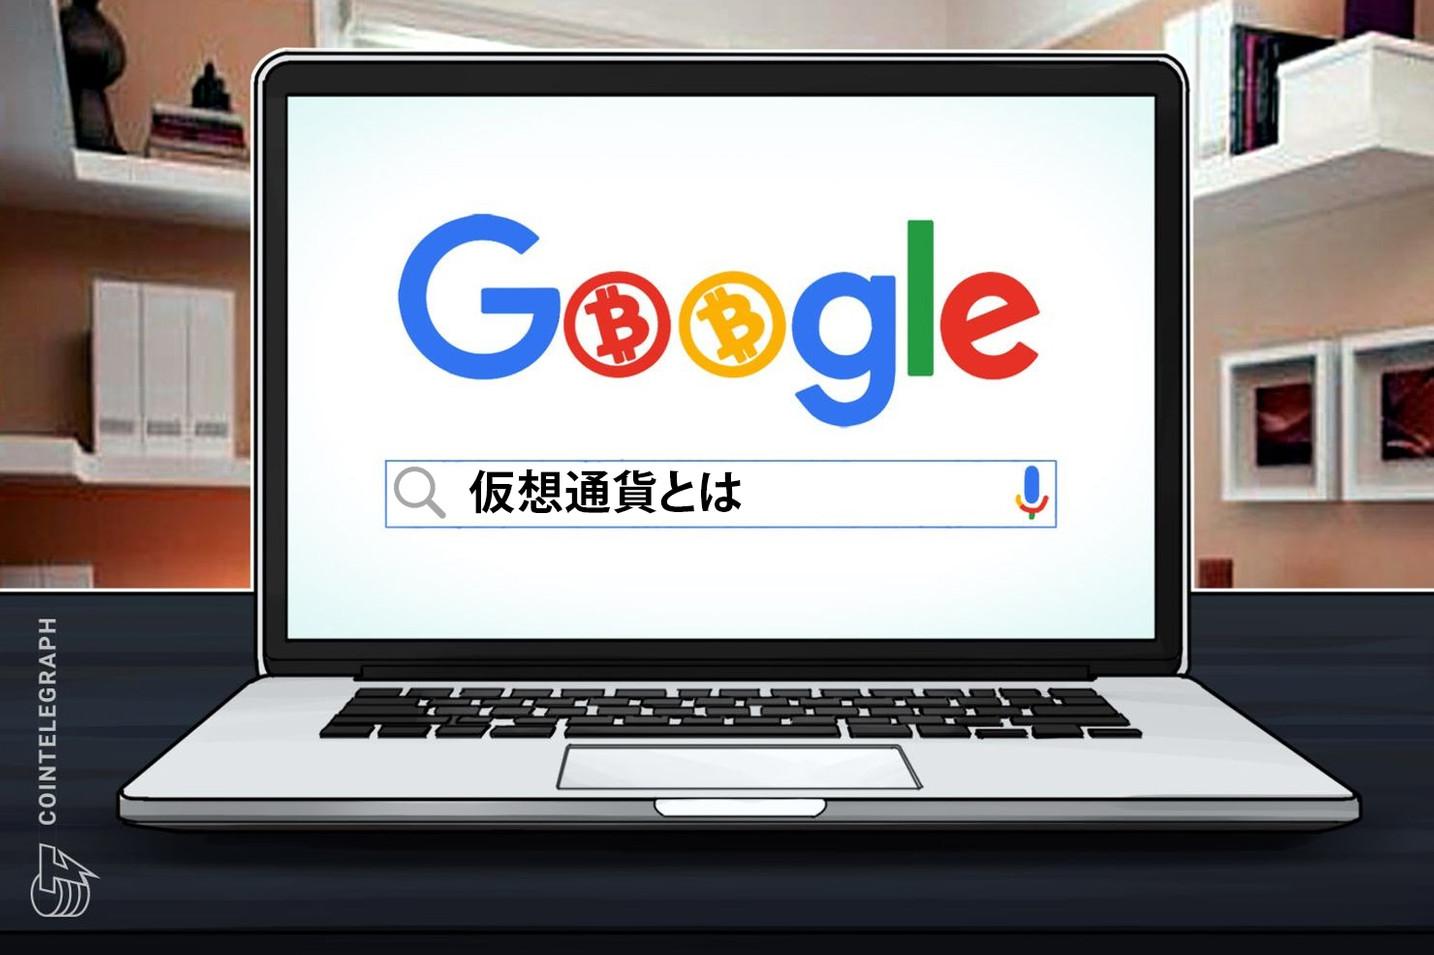 【動画あり】「仮想通貨とは」「ビットコインとは」が2018年のグーグル検索上位に